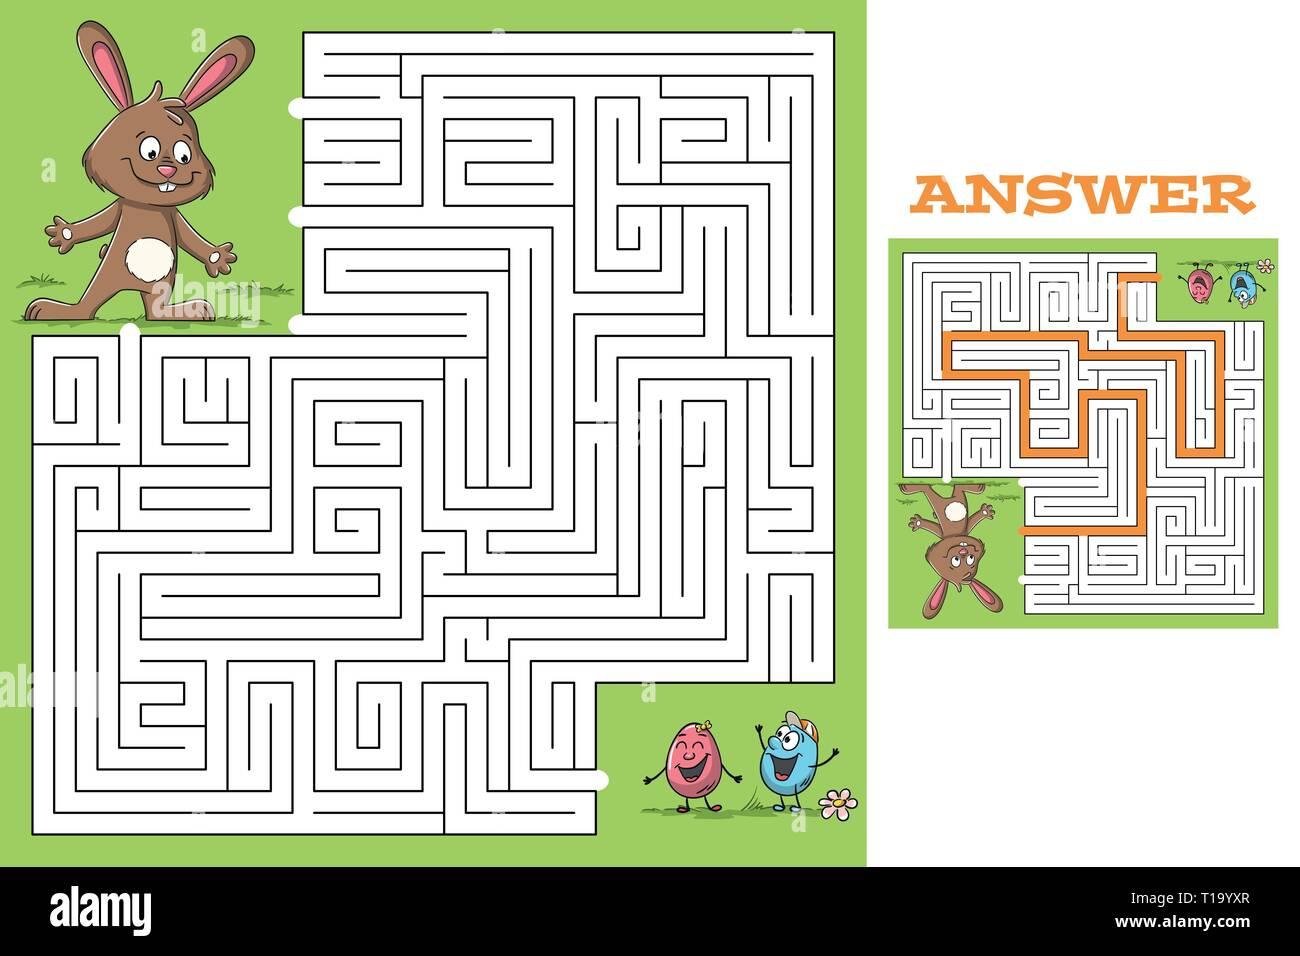 Cartoon pasqua gioco puzzle con soluzione. Illustrazione Vettoriale con strati separati. Illustrazione Vettoriale